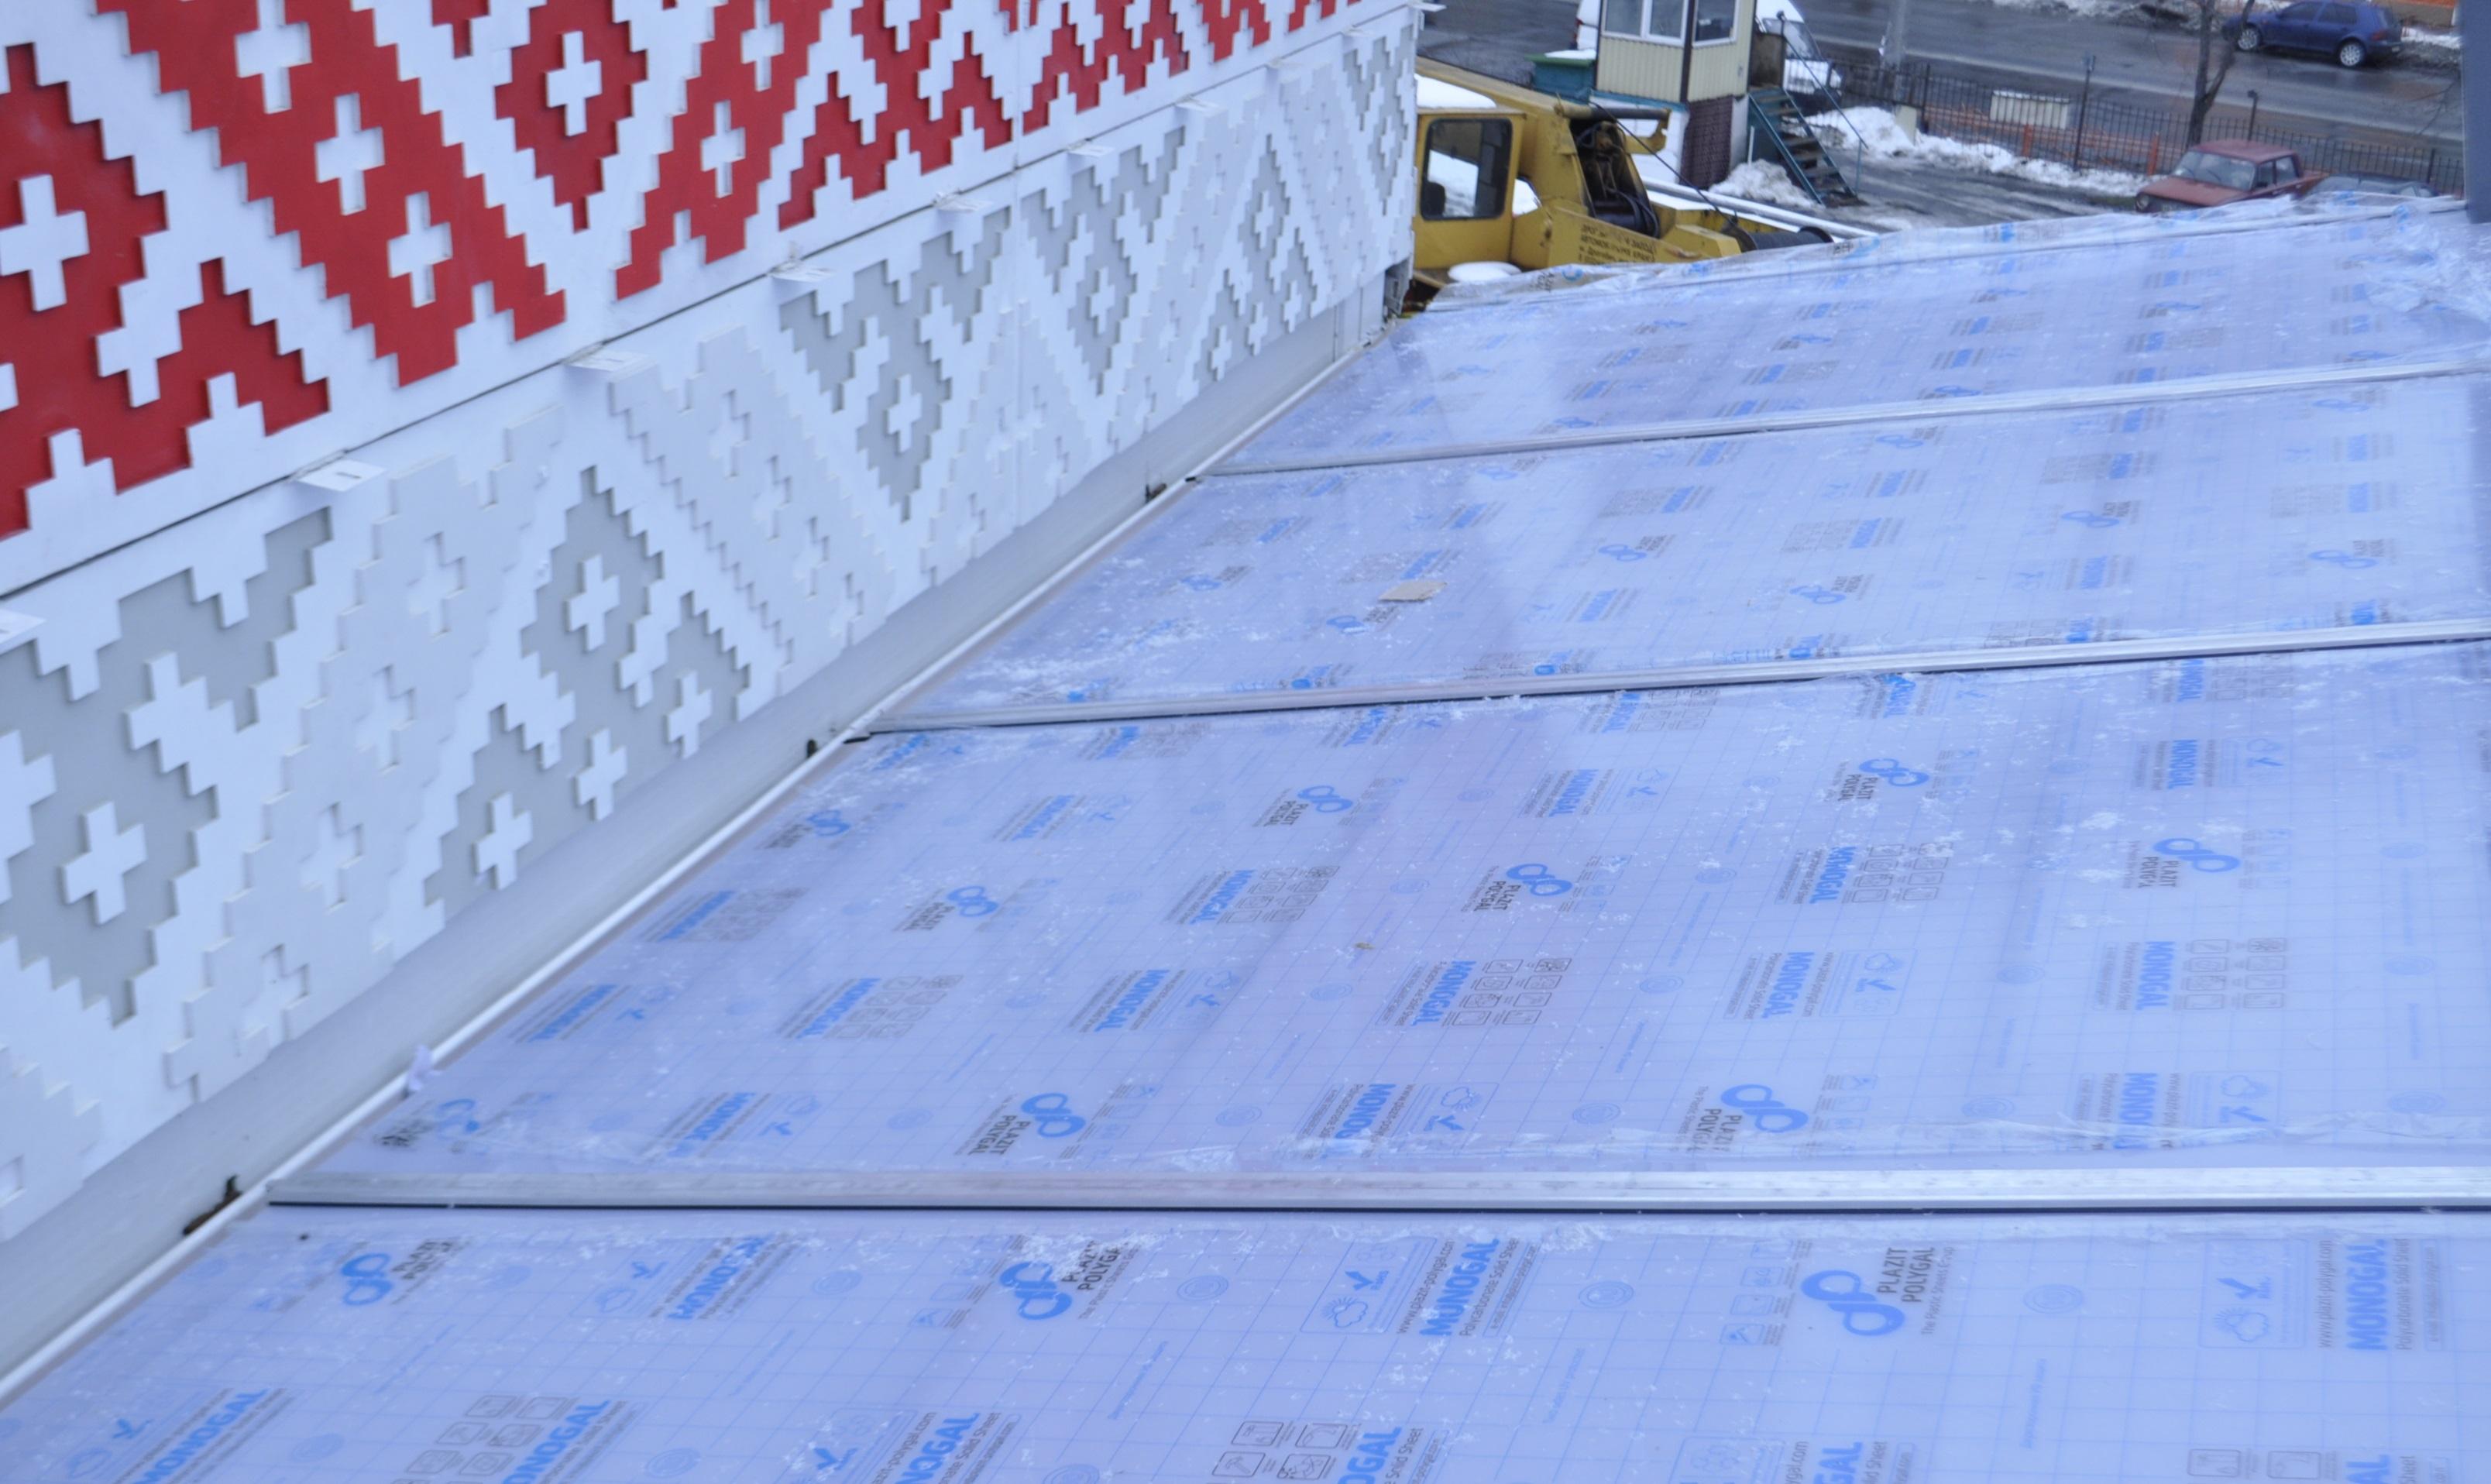 Применение алюминиевого профиля для крепления монолитного поликарбоната